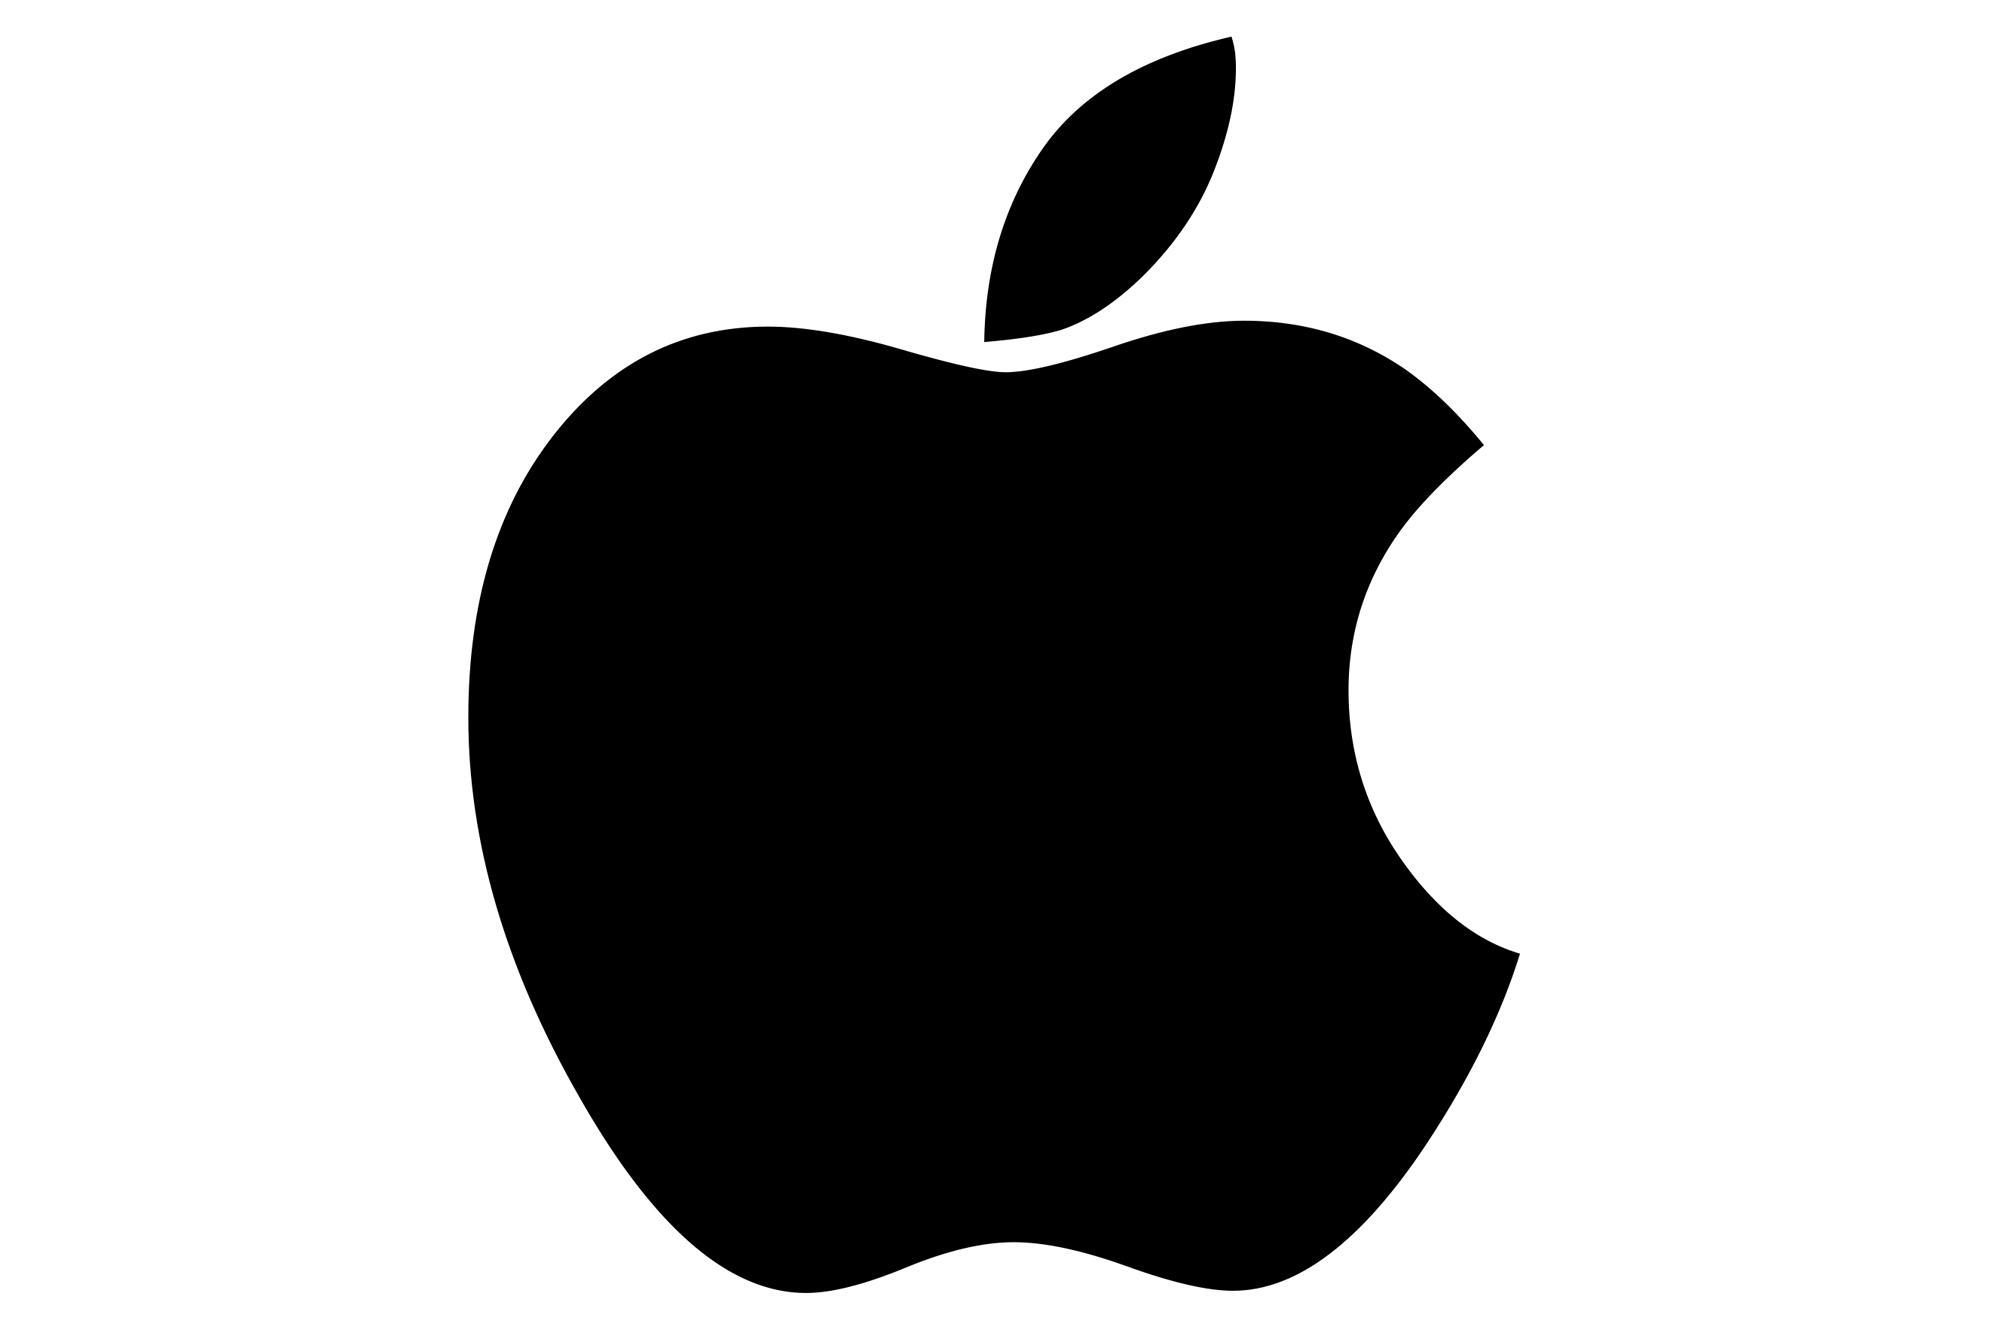 Τι γίνεται τελικά με το αυτοκίνητο της Apple;